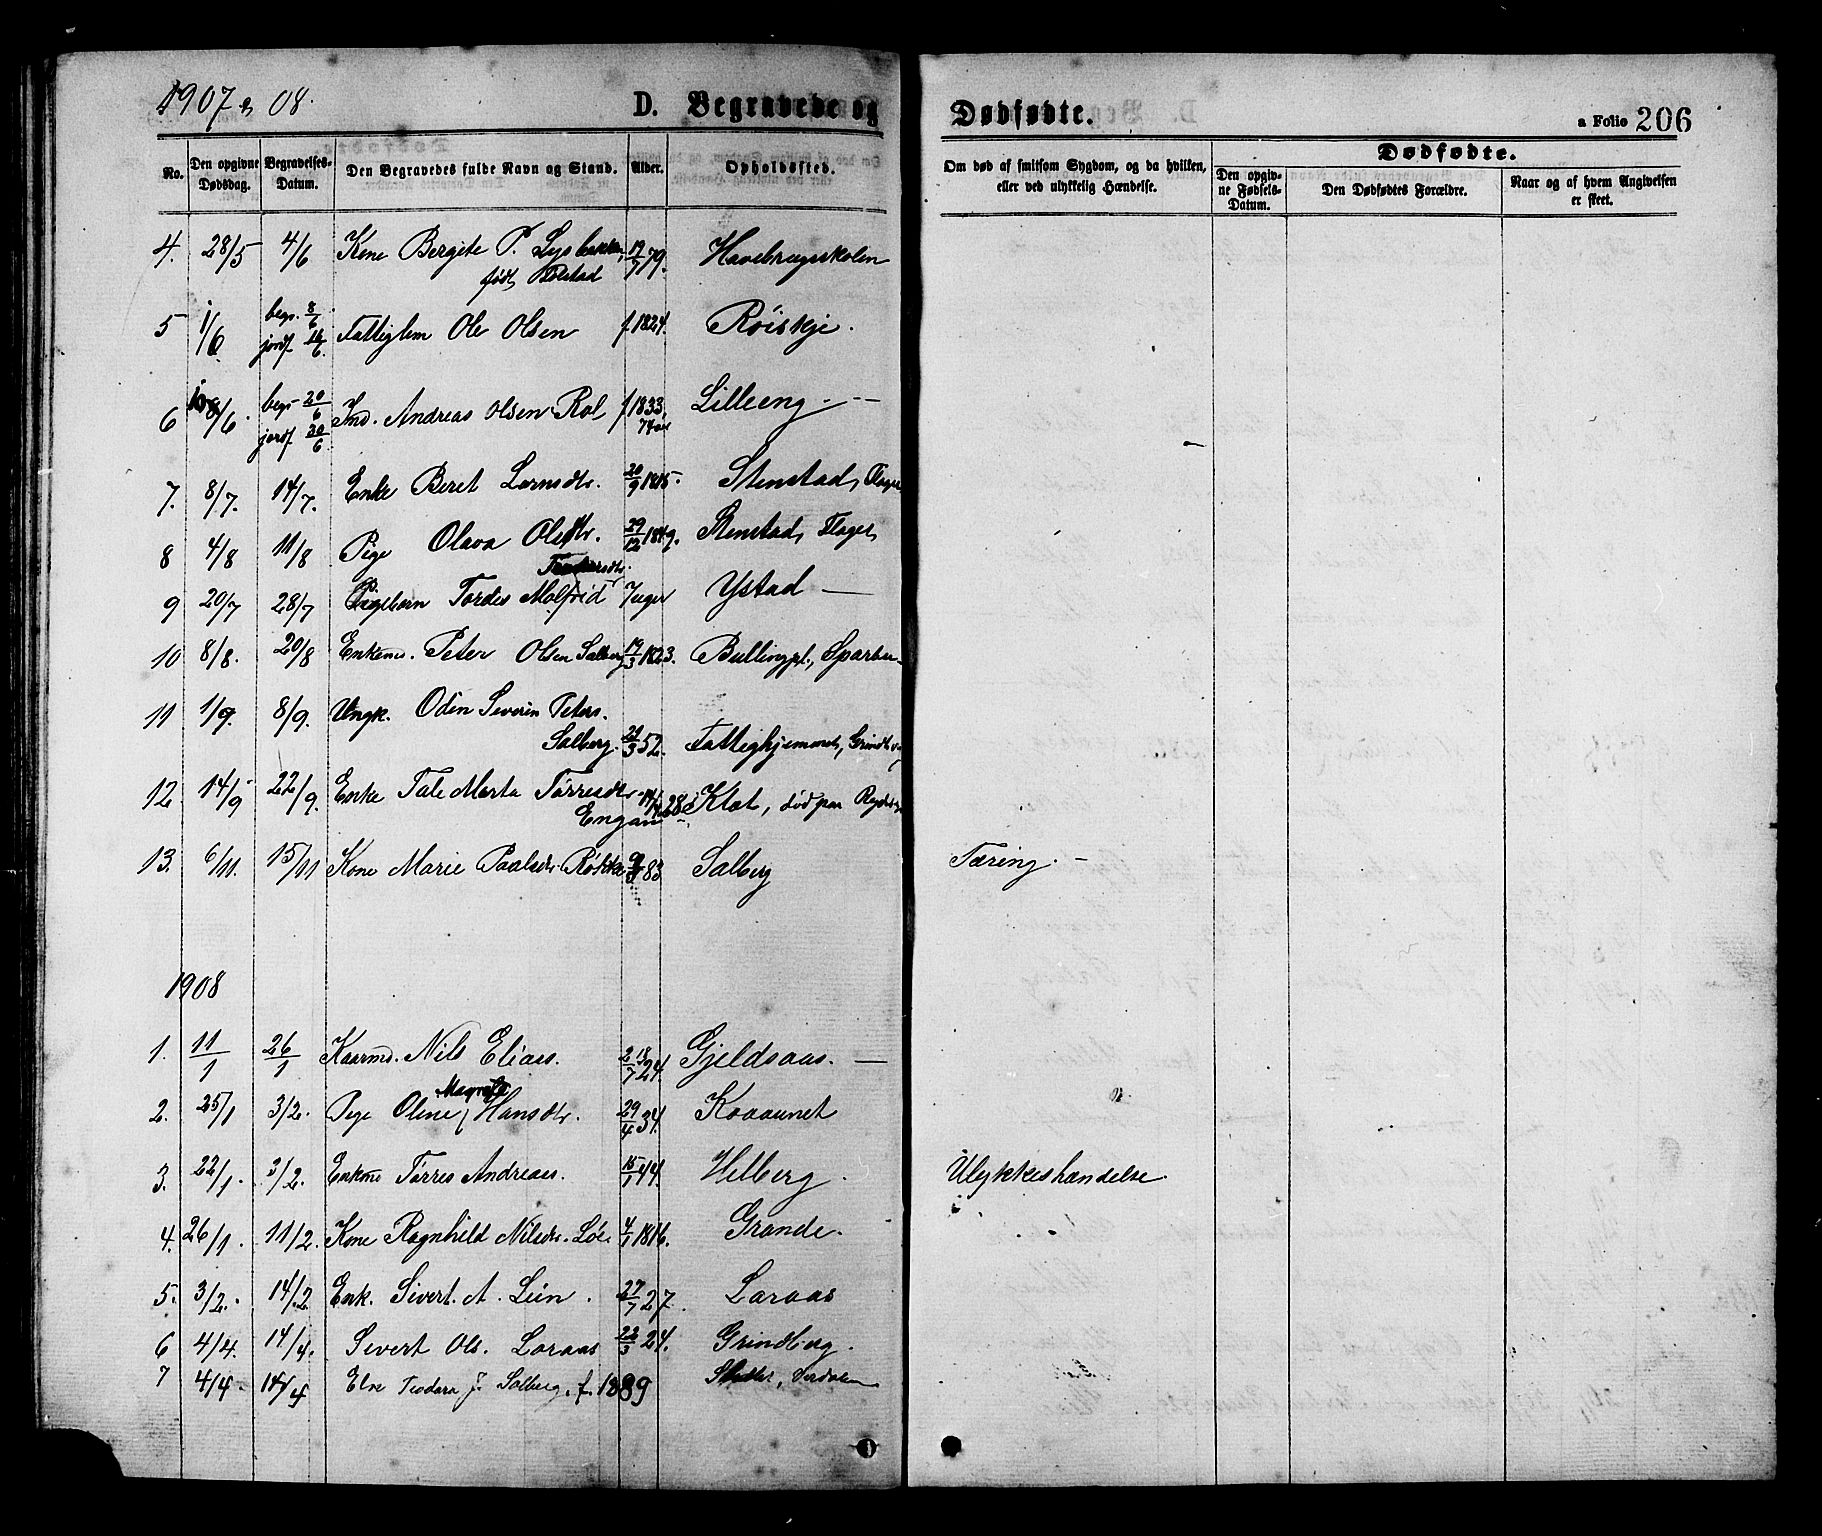 SAT, Ministerialprotokoller, klokkerbøker og fødselsregistre - Nord-Trøndelag, 731/L0311: Klokkerbok nr. 731C02, 1875-1911, s. 206